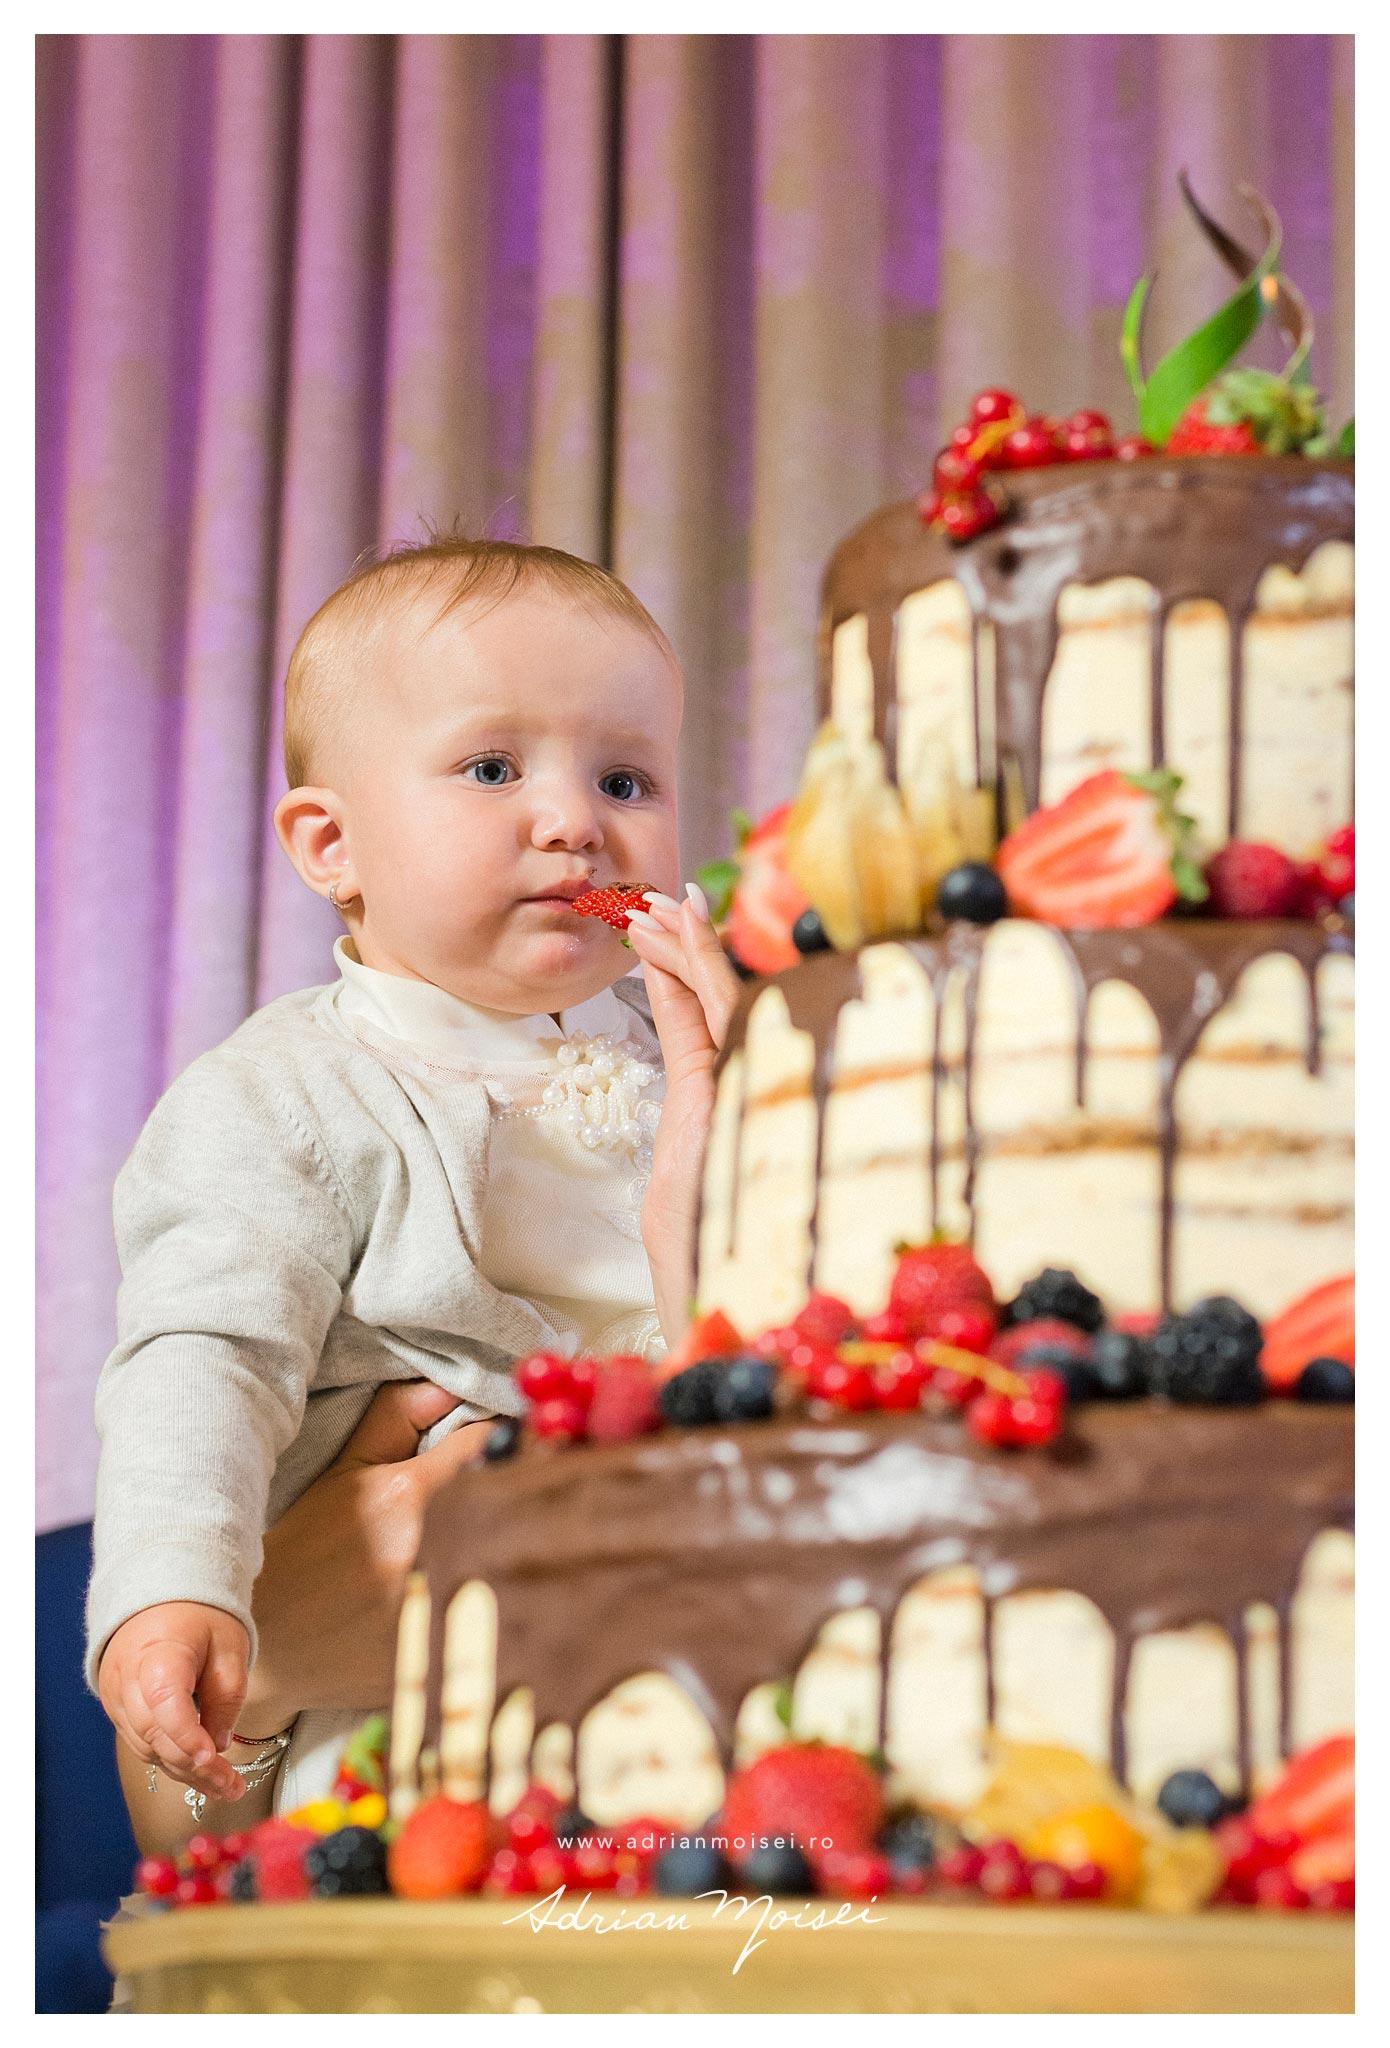 Fotografii cu tortul aniversar la taierea motului unei copile minunate,